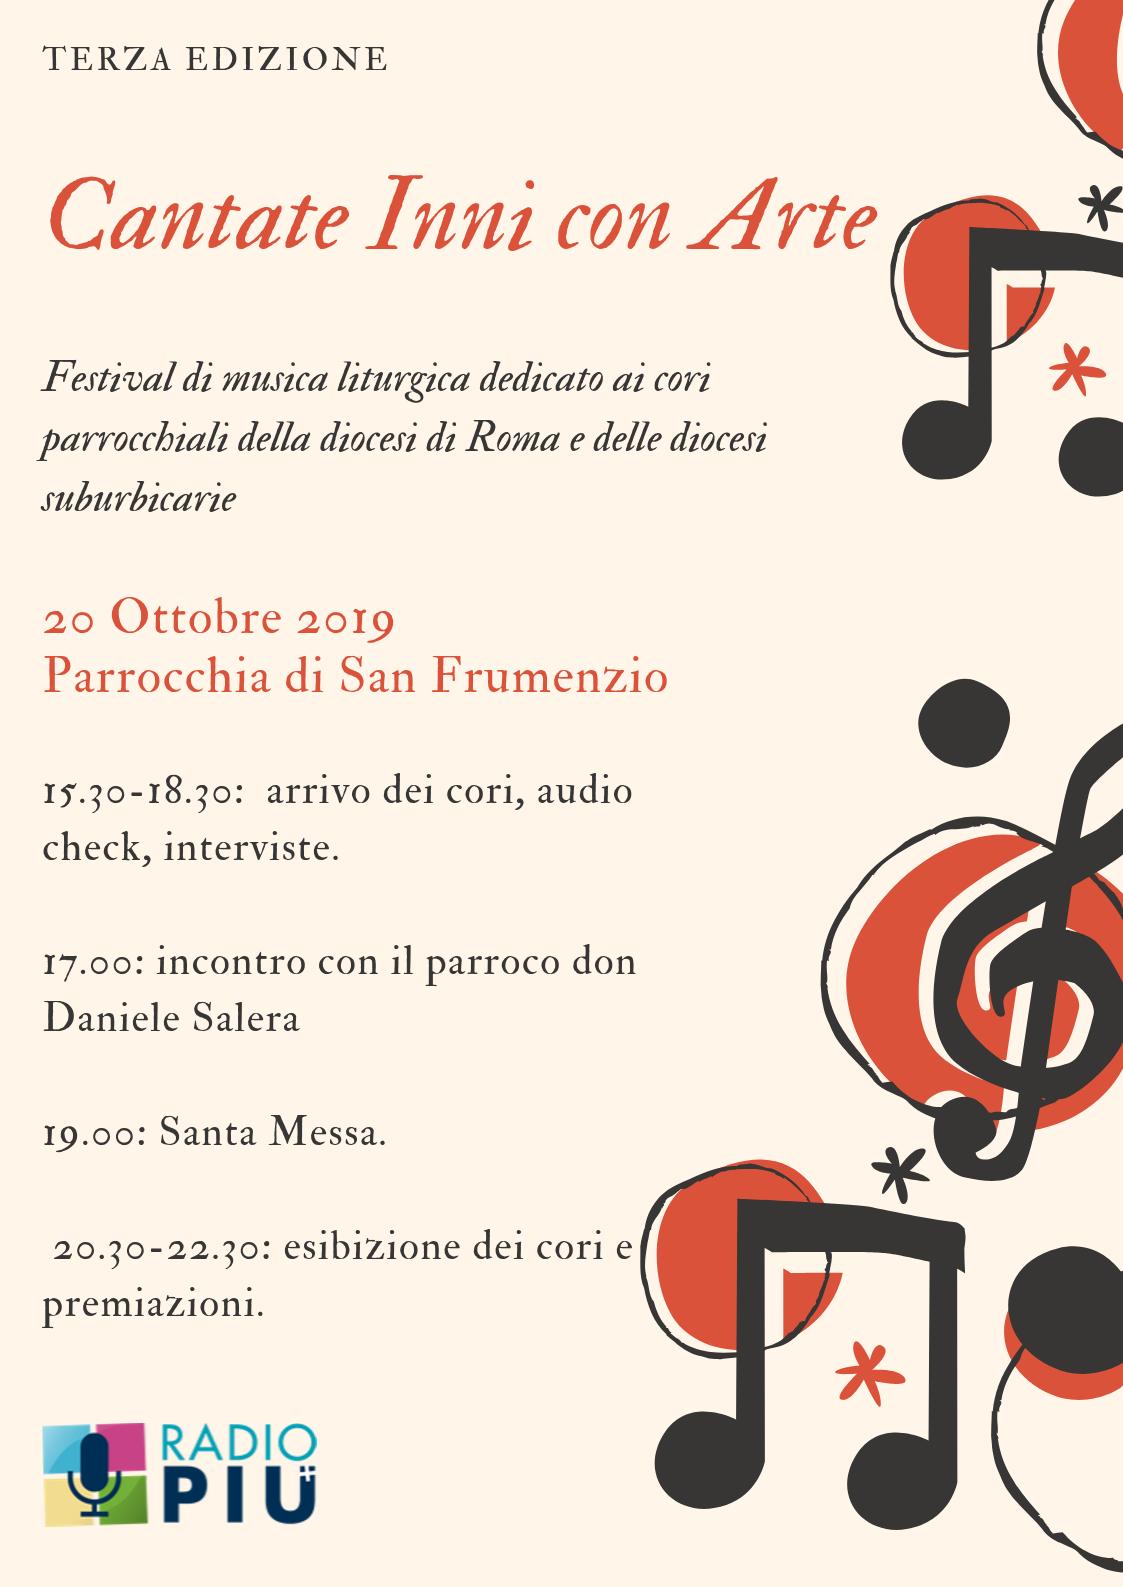 parrocchie di roma, cantate inni con arte